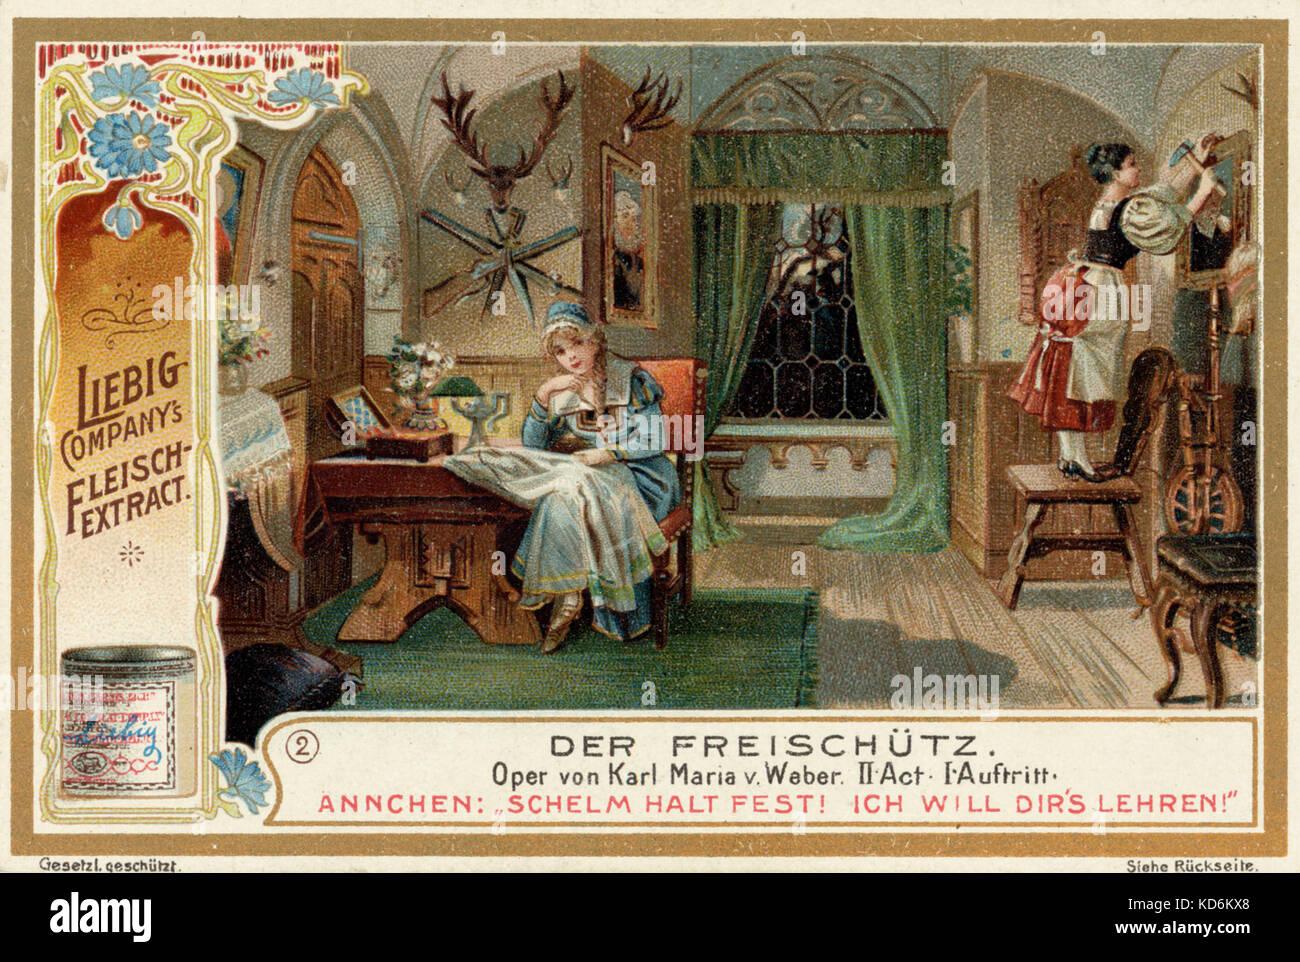 Carl (Karl) Maria von Weber - der freischütz. Szene aus Oper, Akt 2 ...